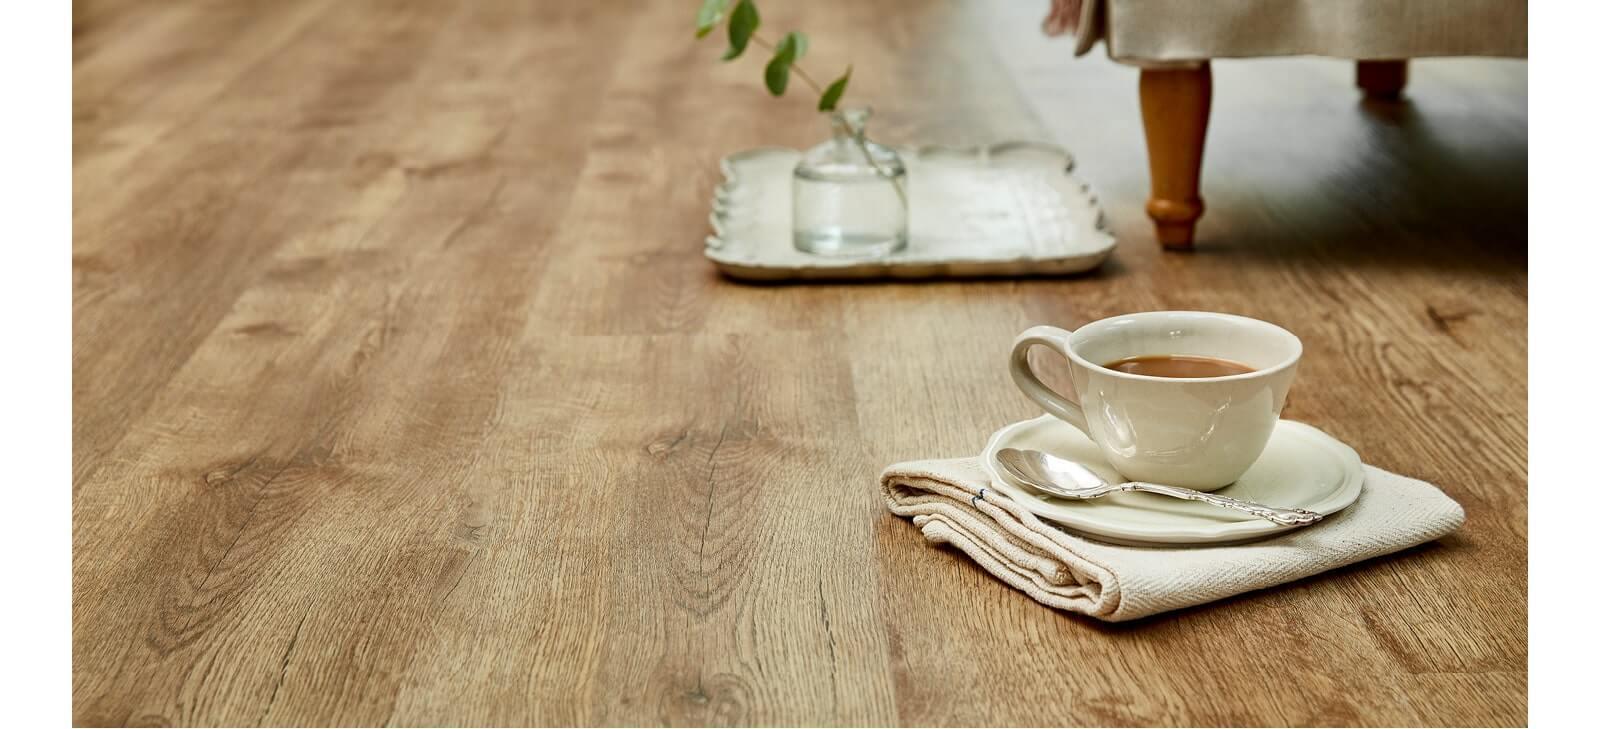 teacup on floor